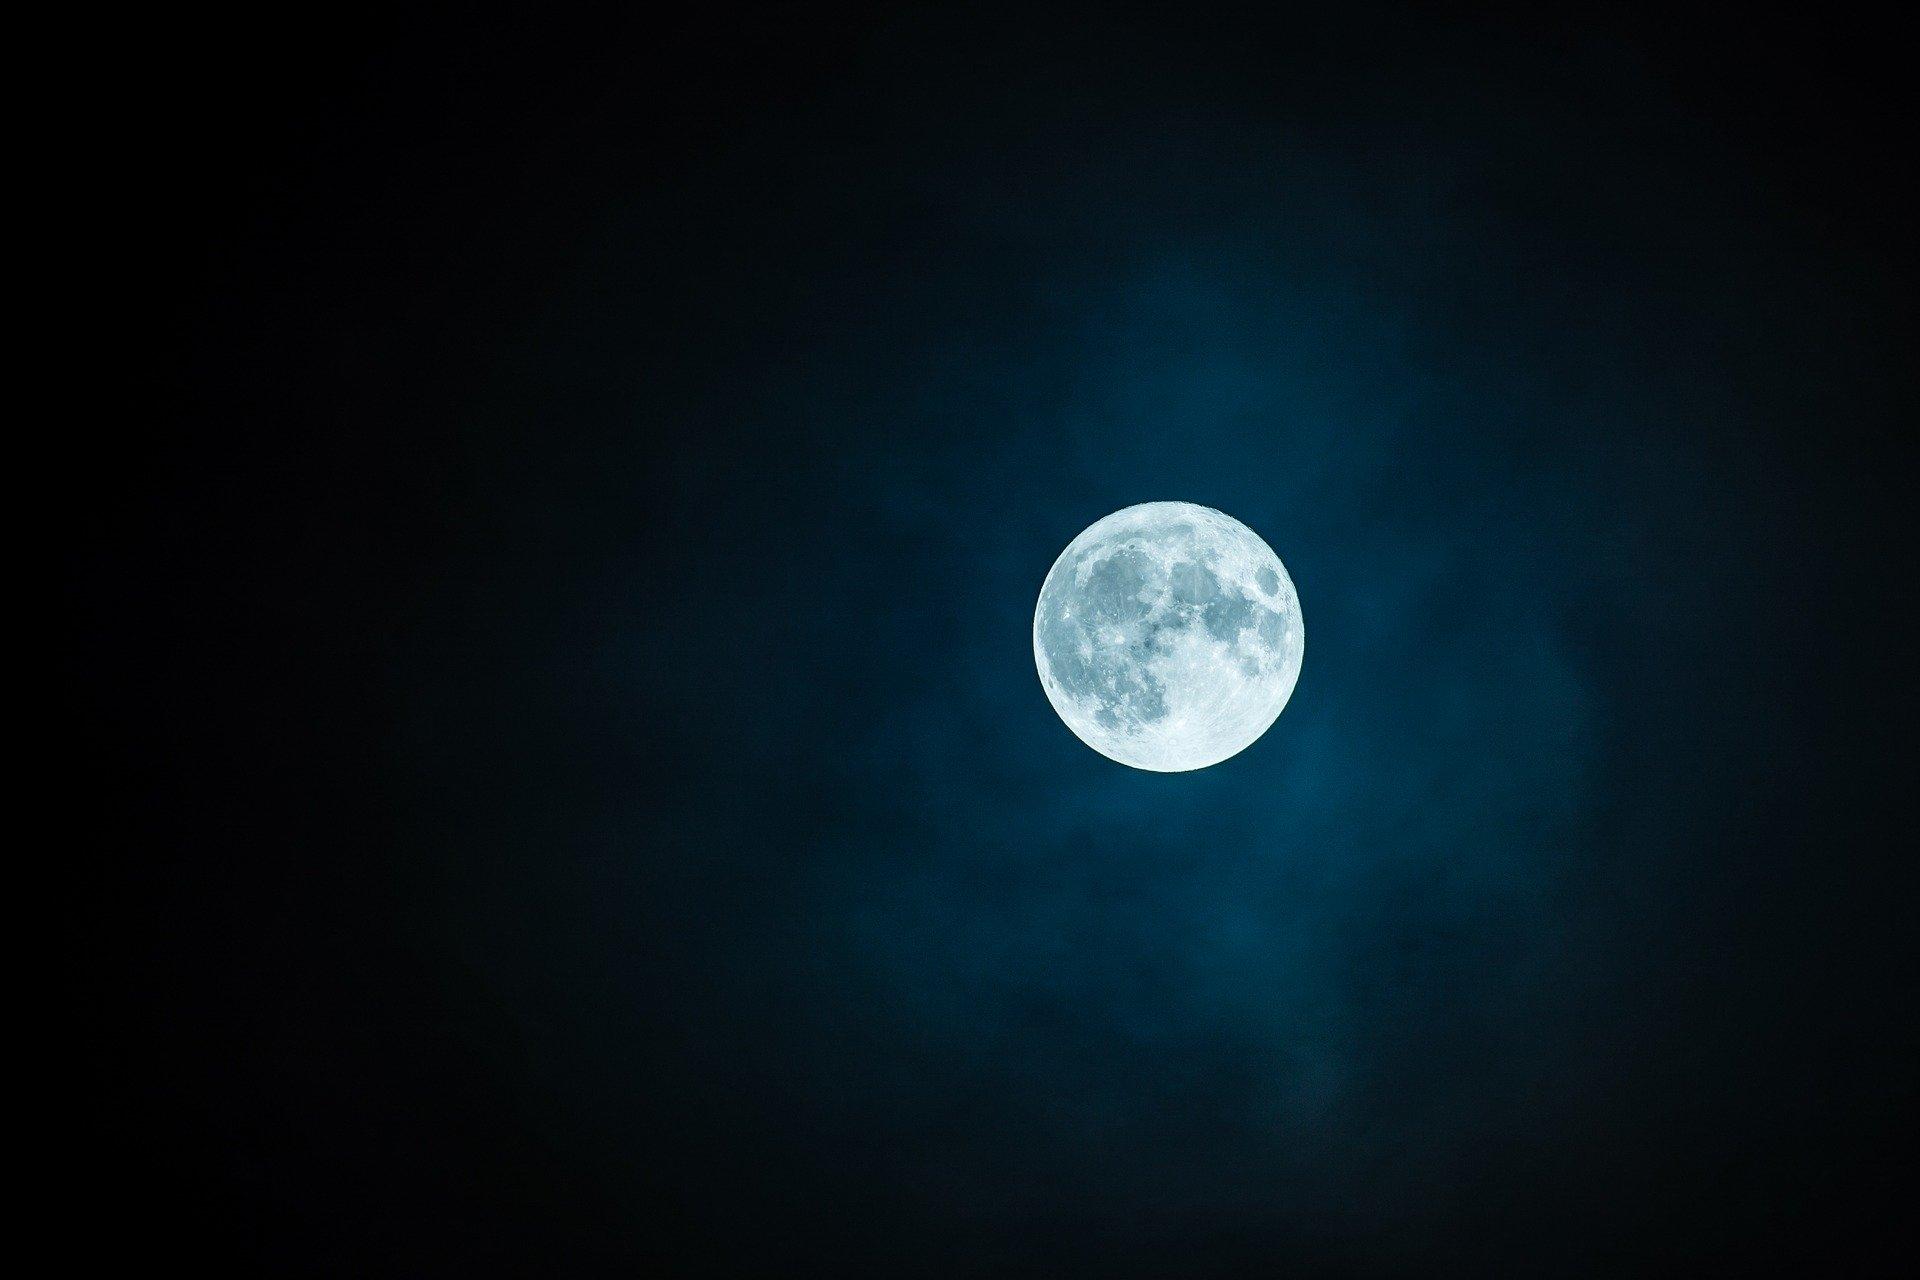 volle maan van 1 oktober